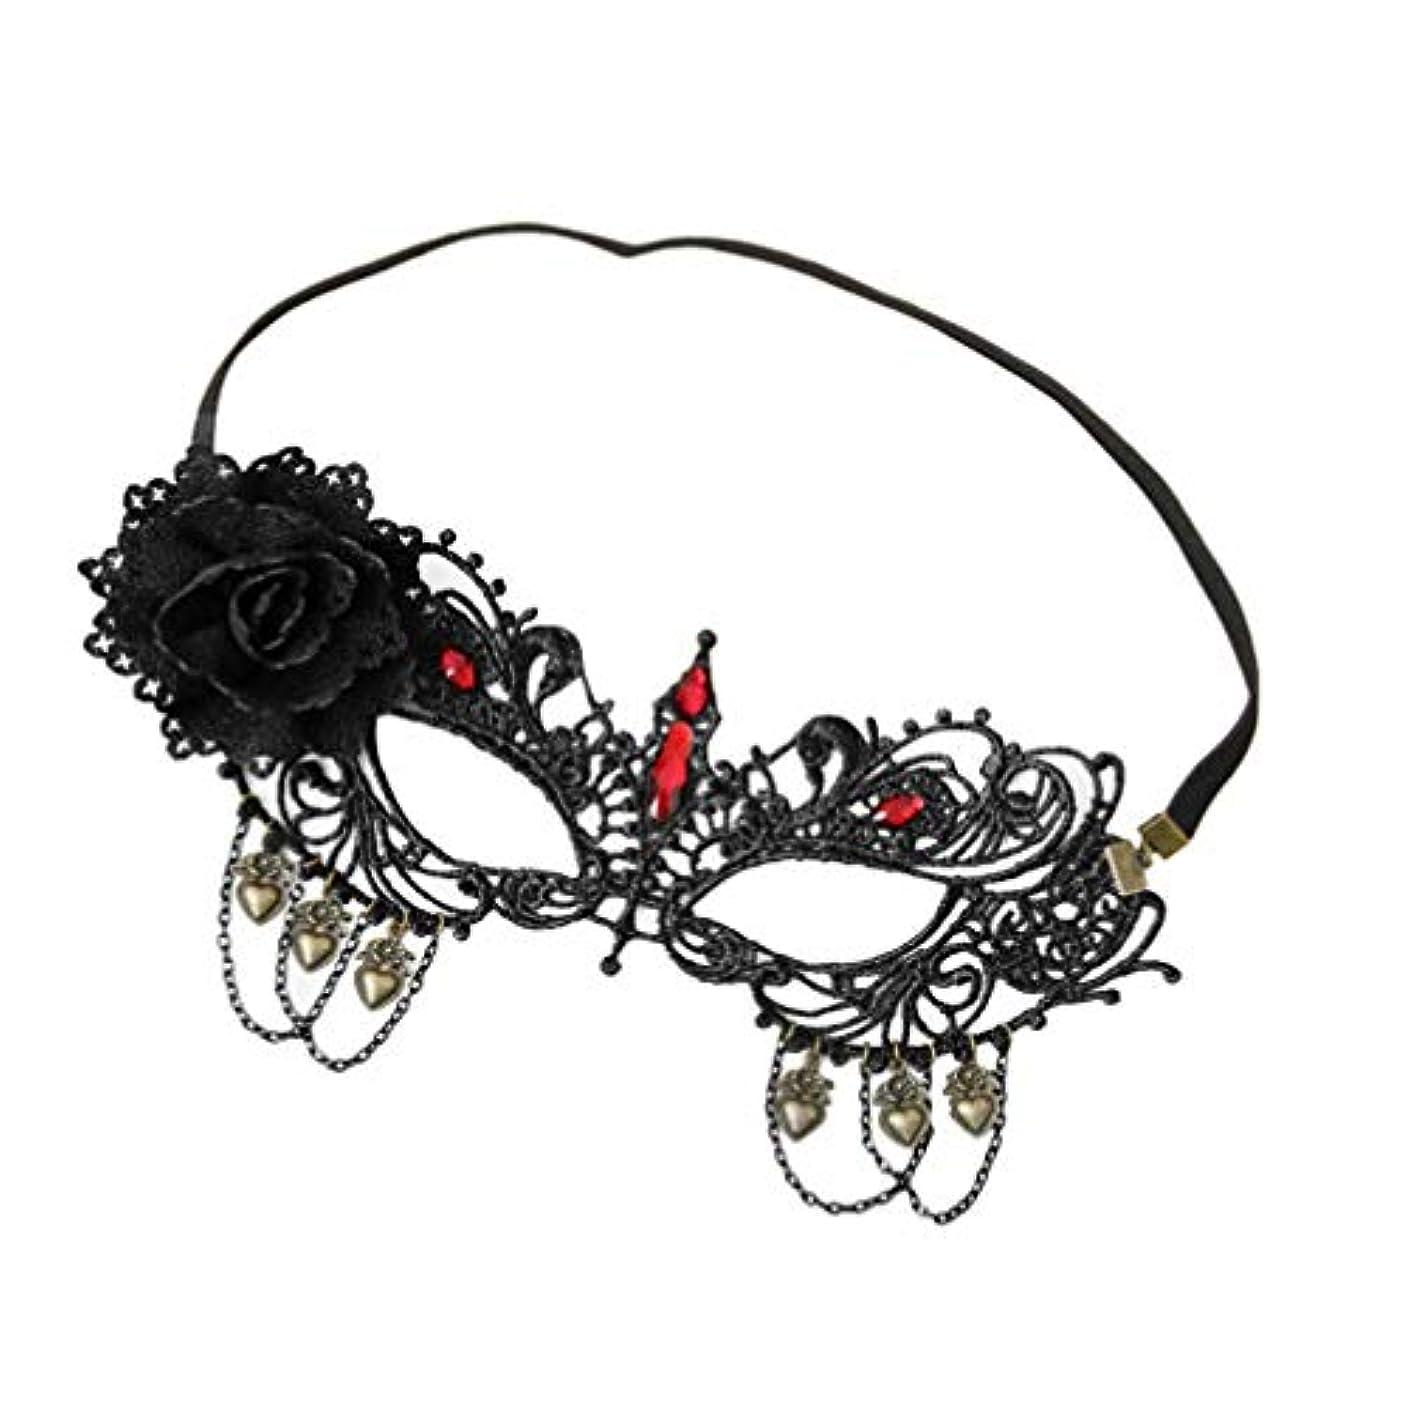 結果拮抗する想定SUPVOX ラインストーン付きレースハーフフェイスマスクマスカレードパーティー仮装衣装ハロウィンのための花の調節可能なカットアウト